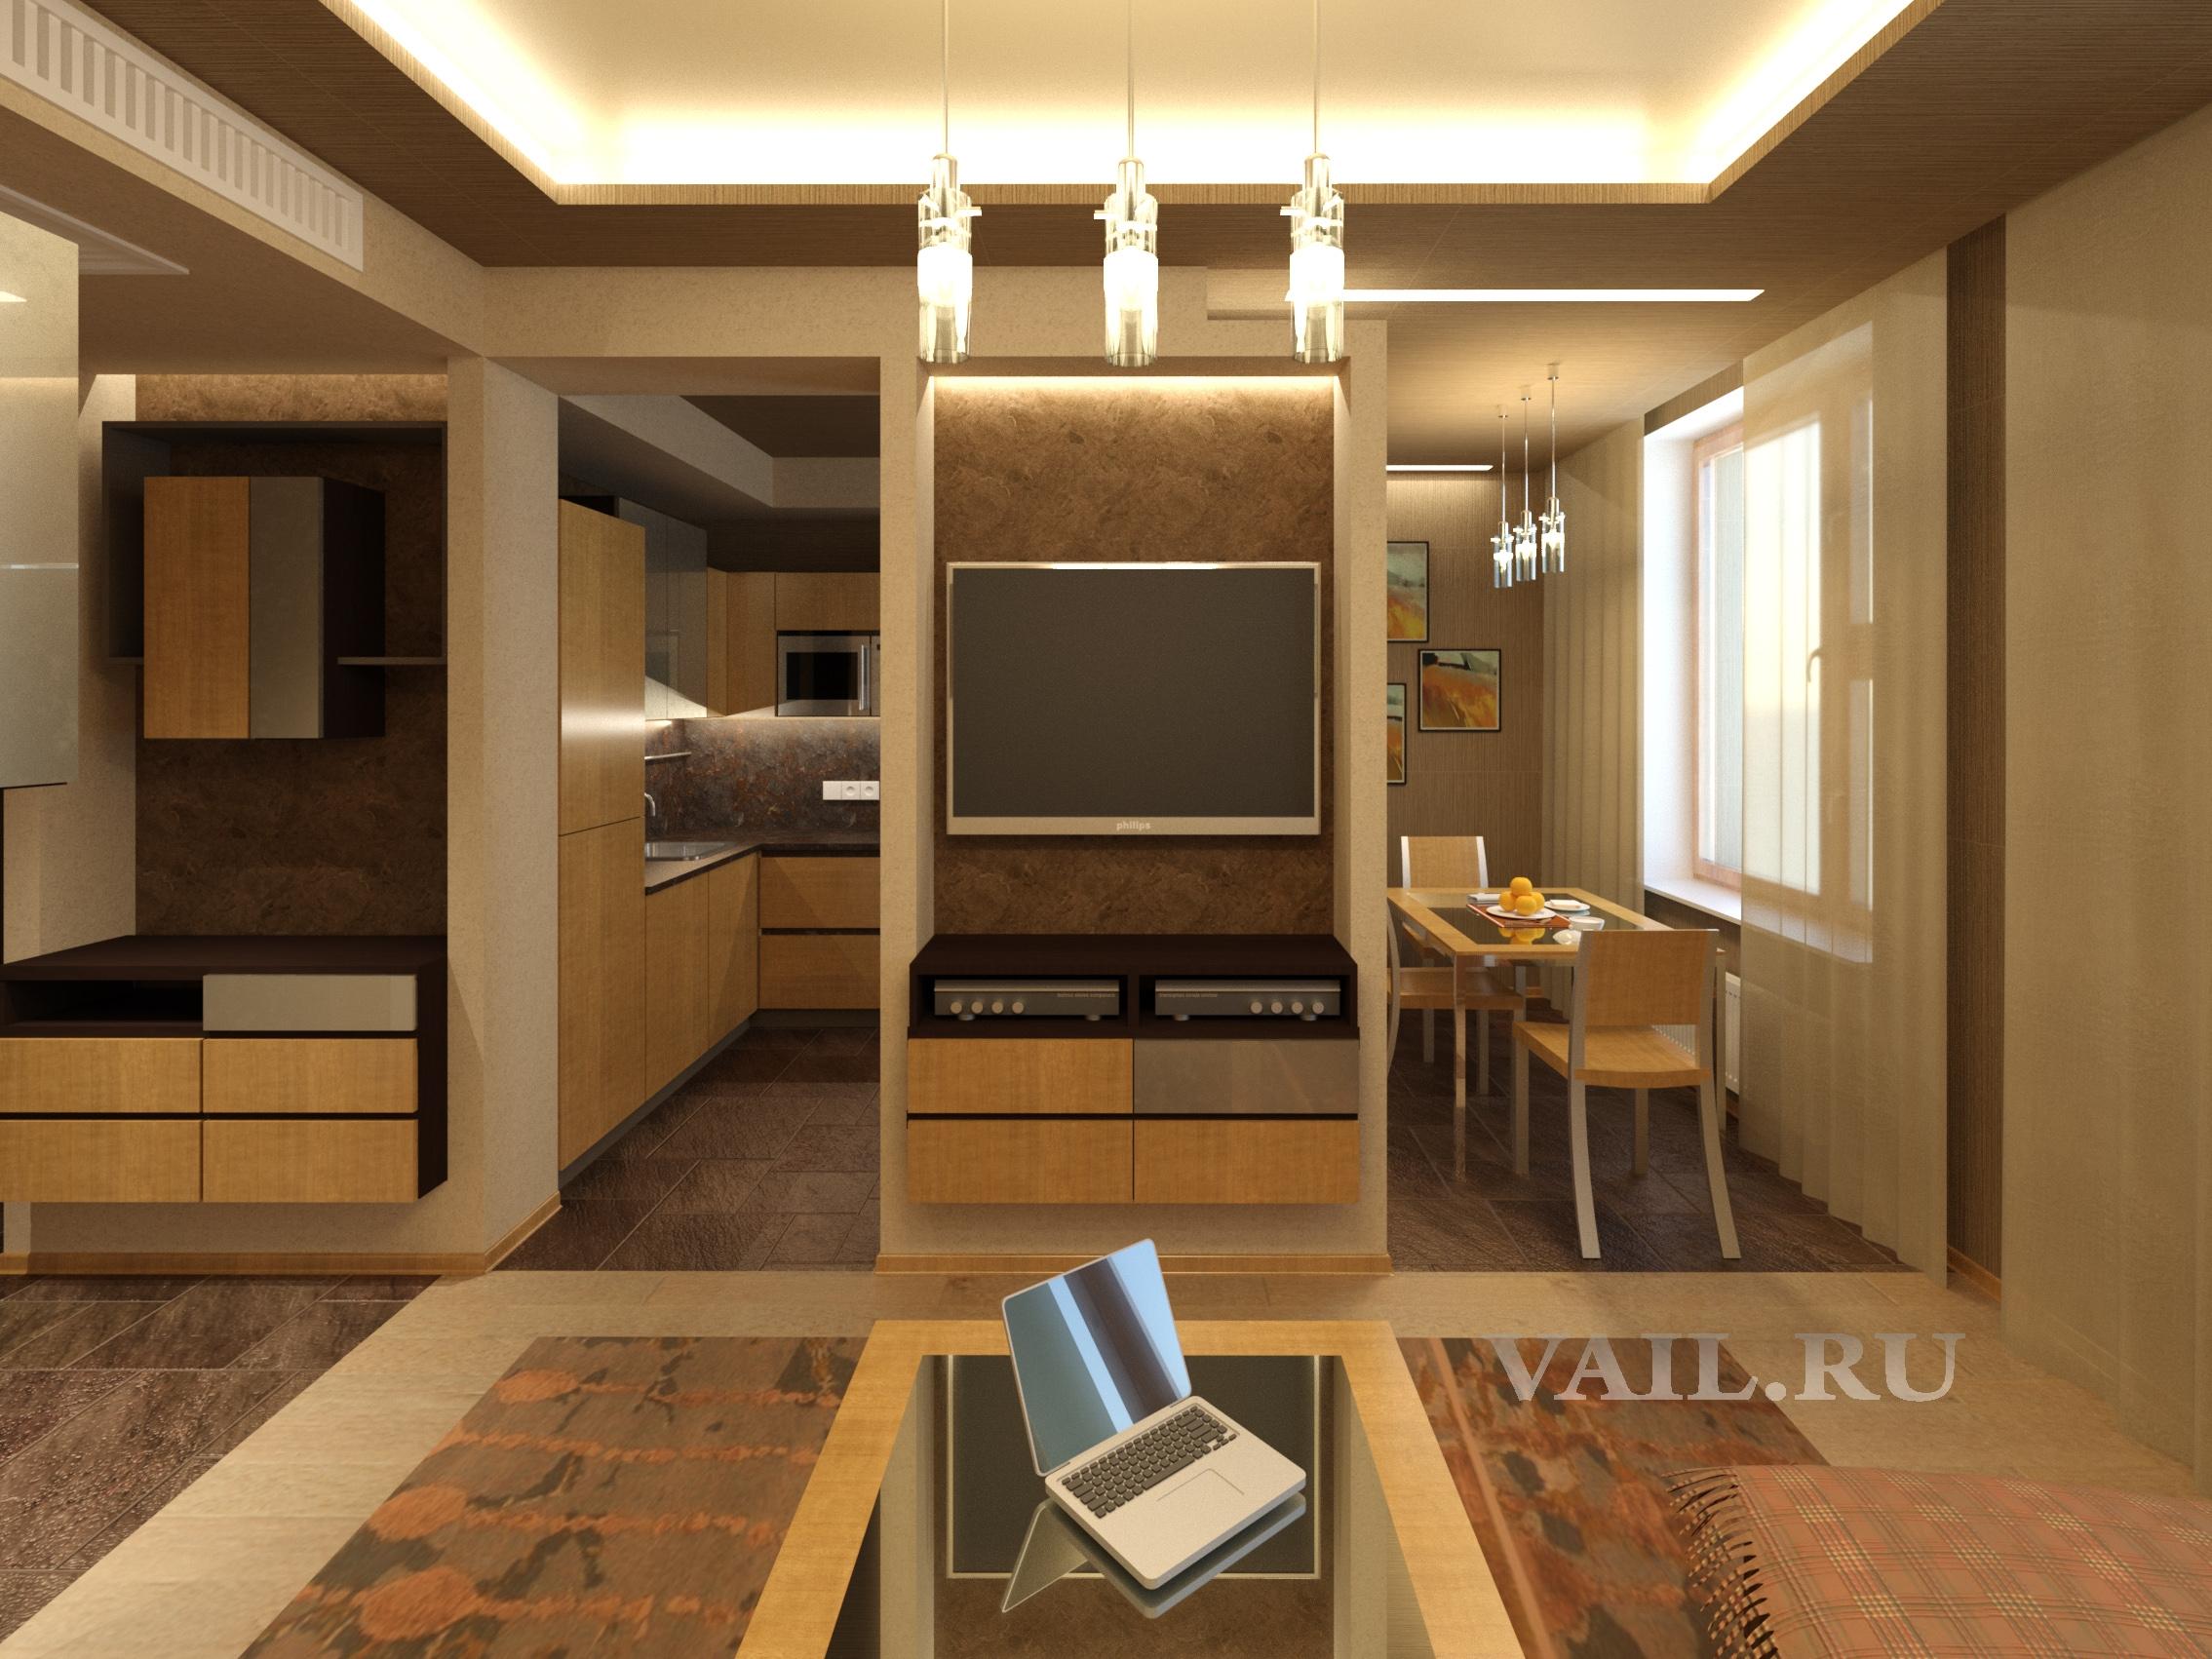 Вид ТВ стенки и кухни